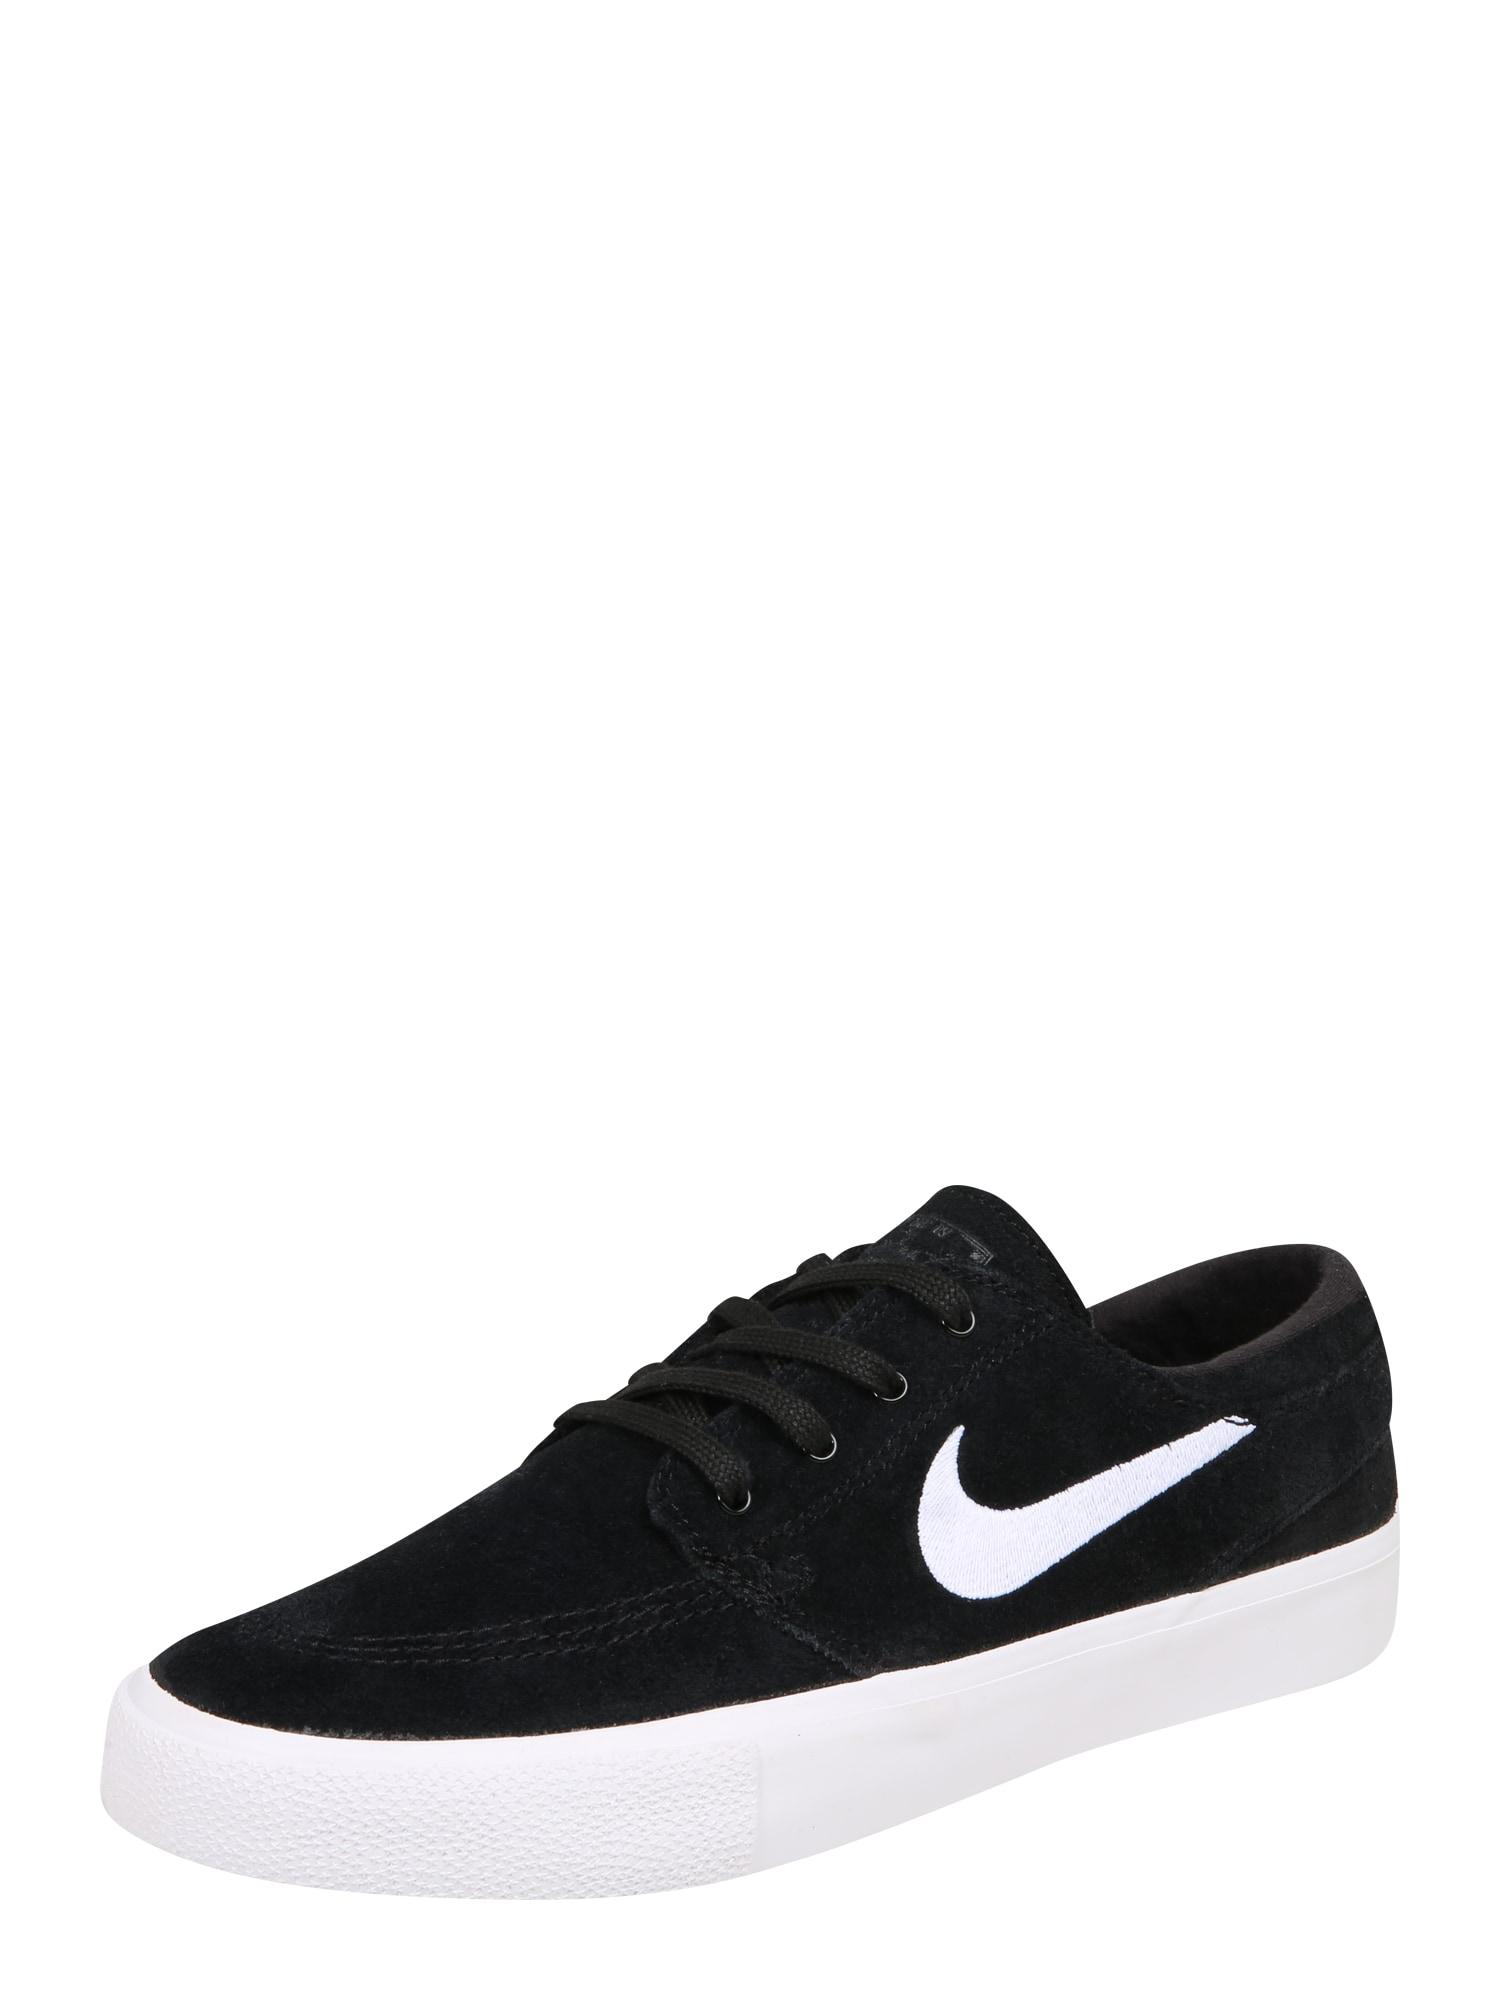 Tenisky Janoski RM černá bílá Nike SB